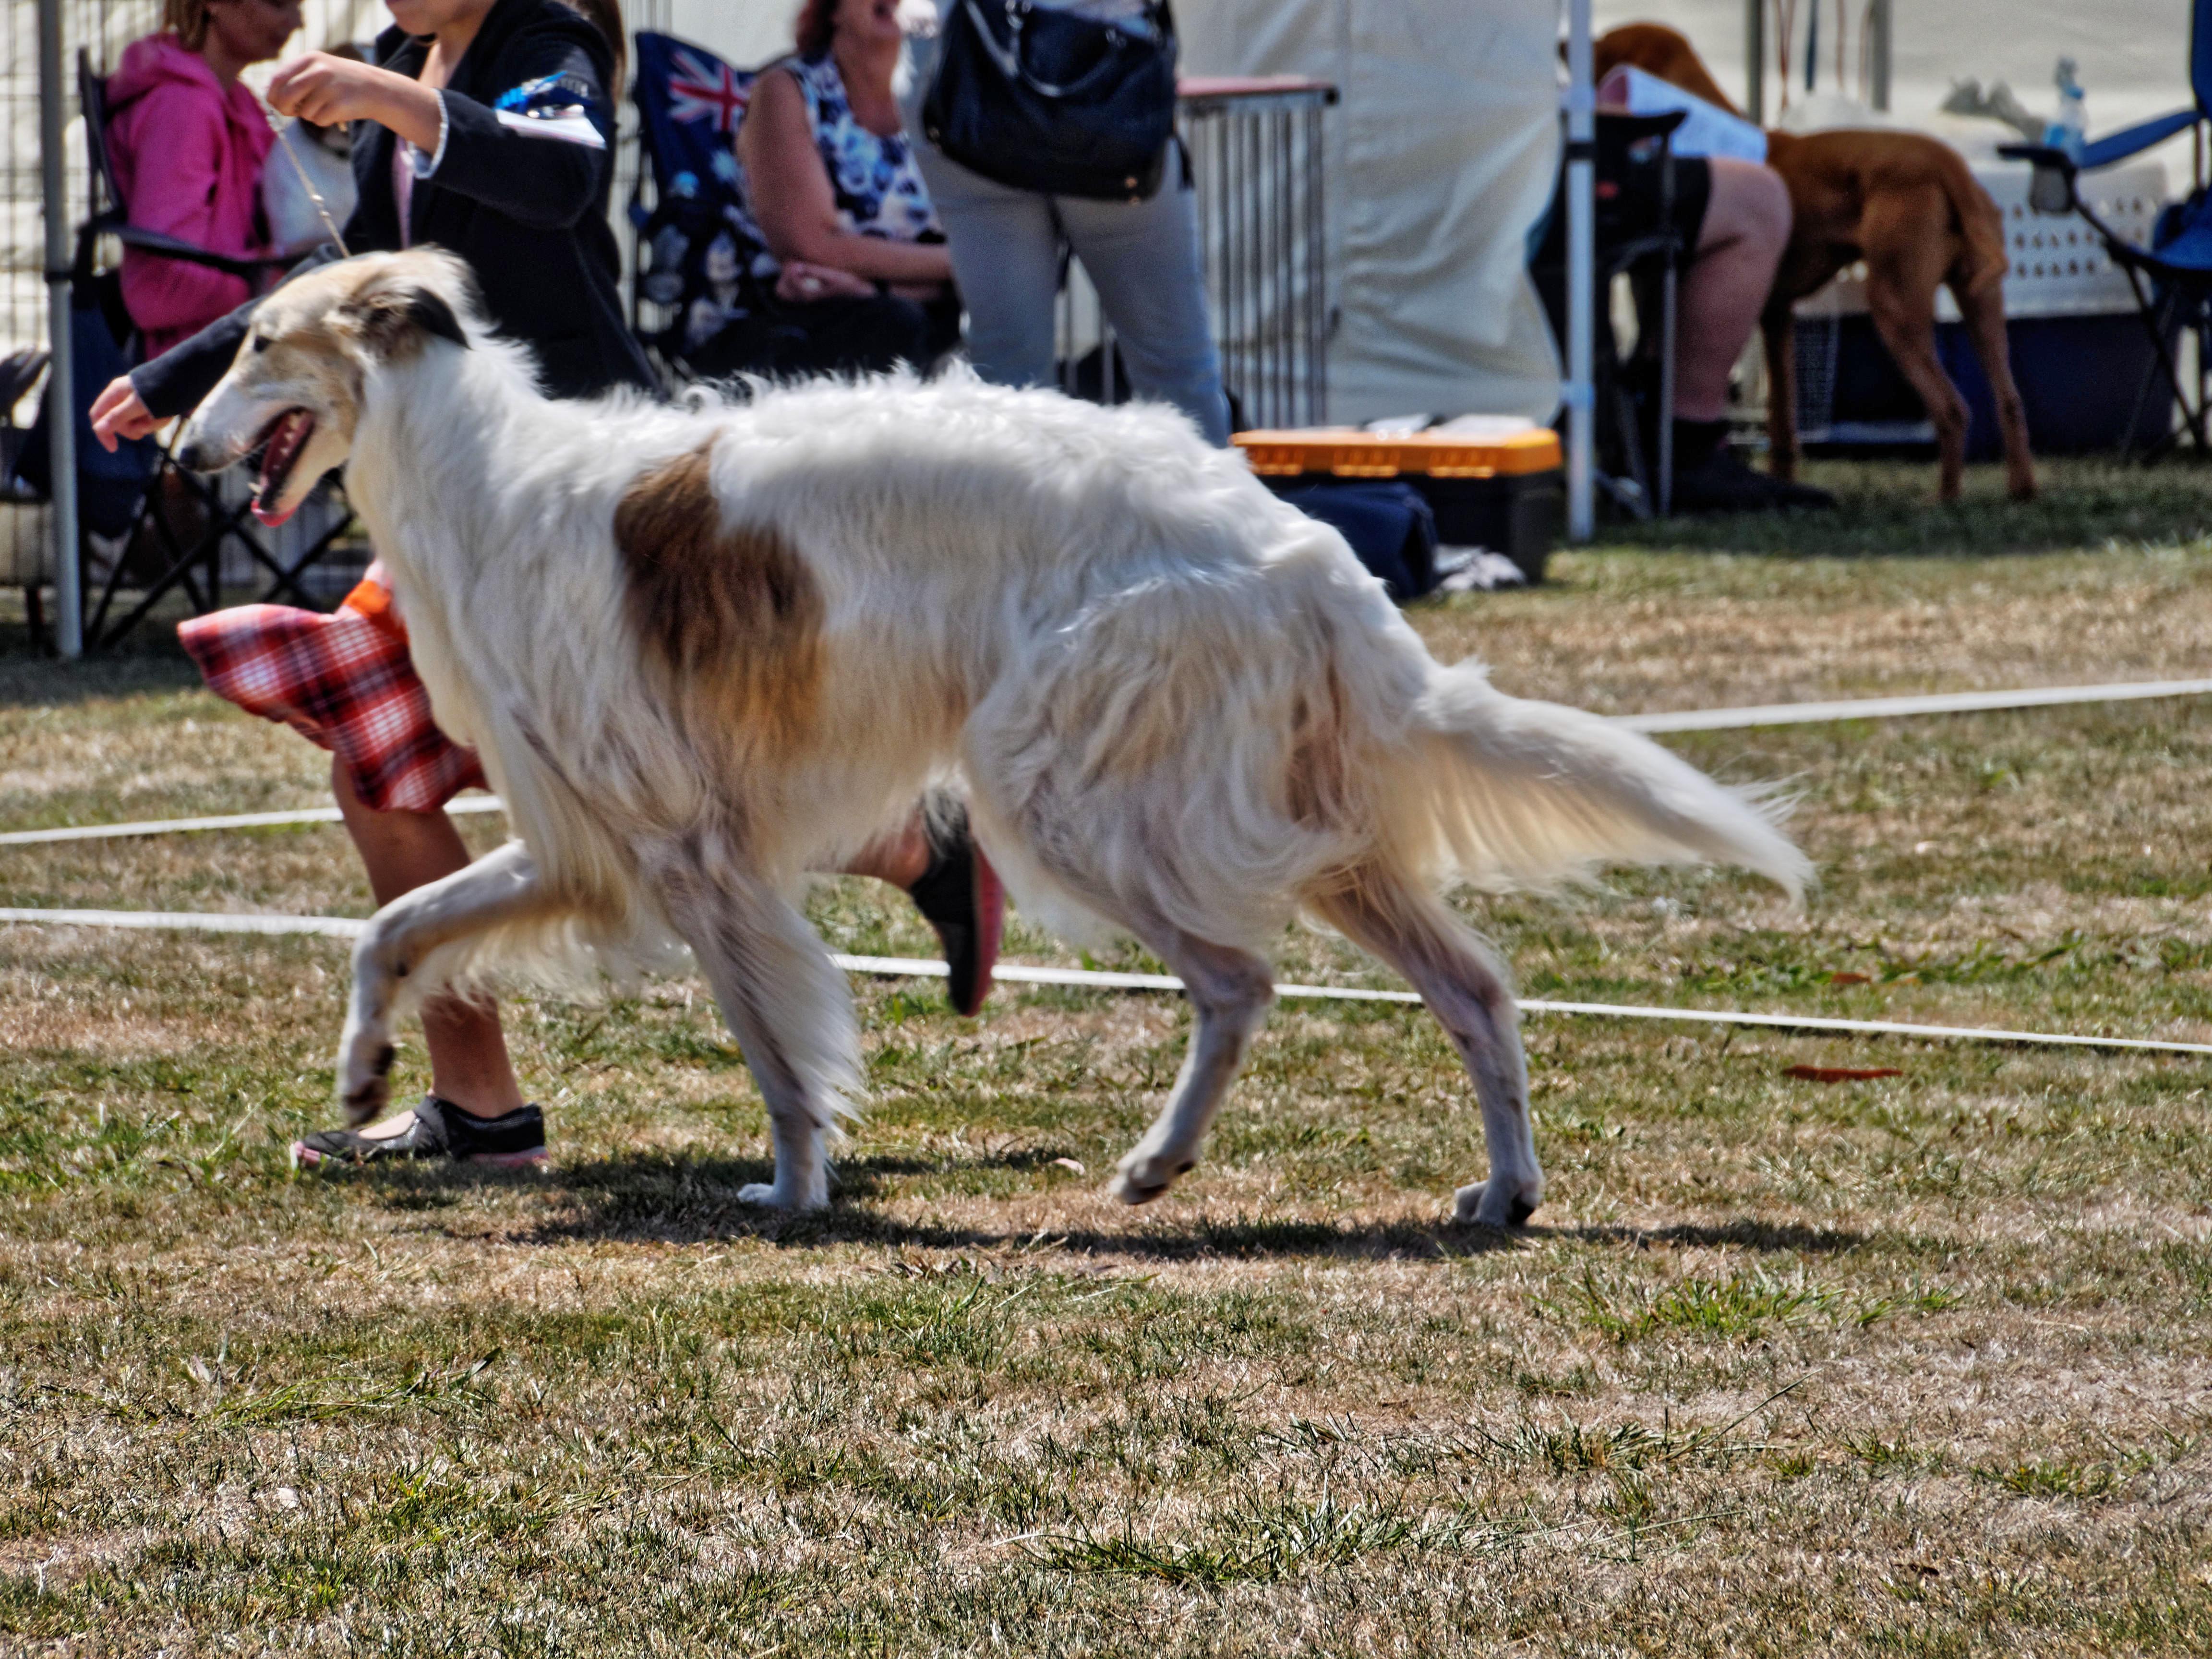 Dog-show-4.jpeg